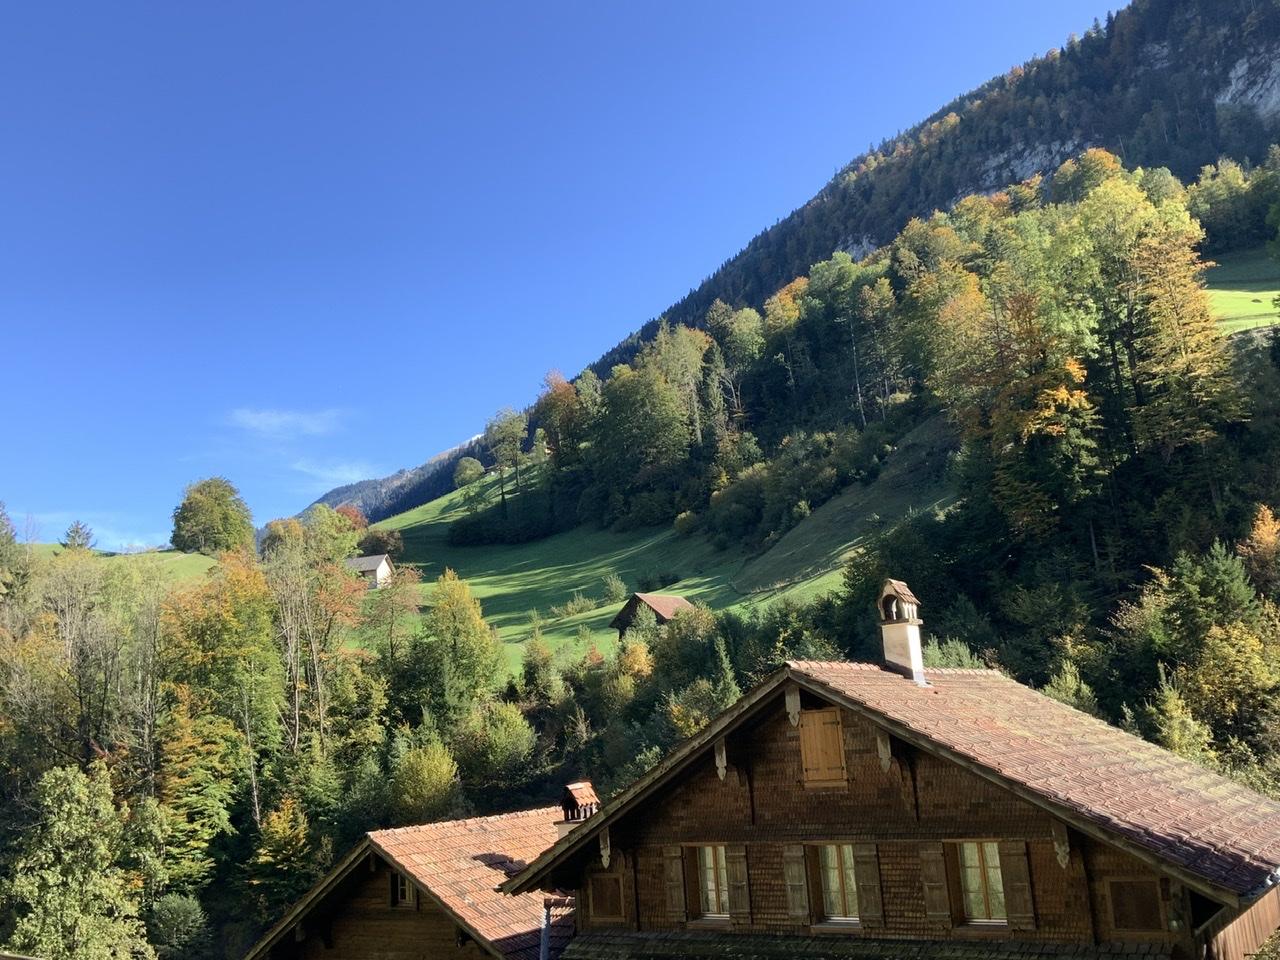 Paysage d'automne dans les Alpes Suisses avec le toit d'un chalet